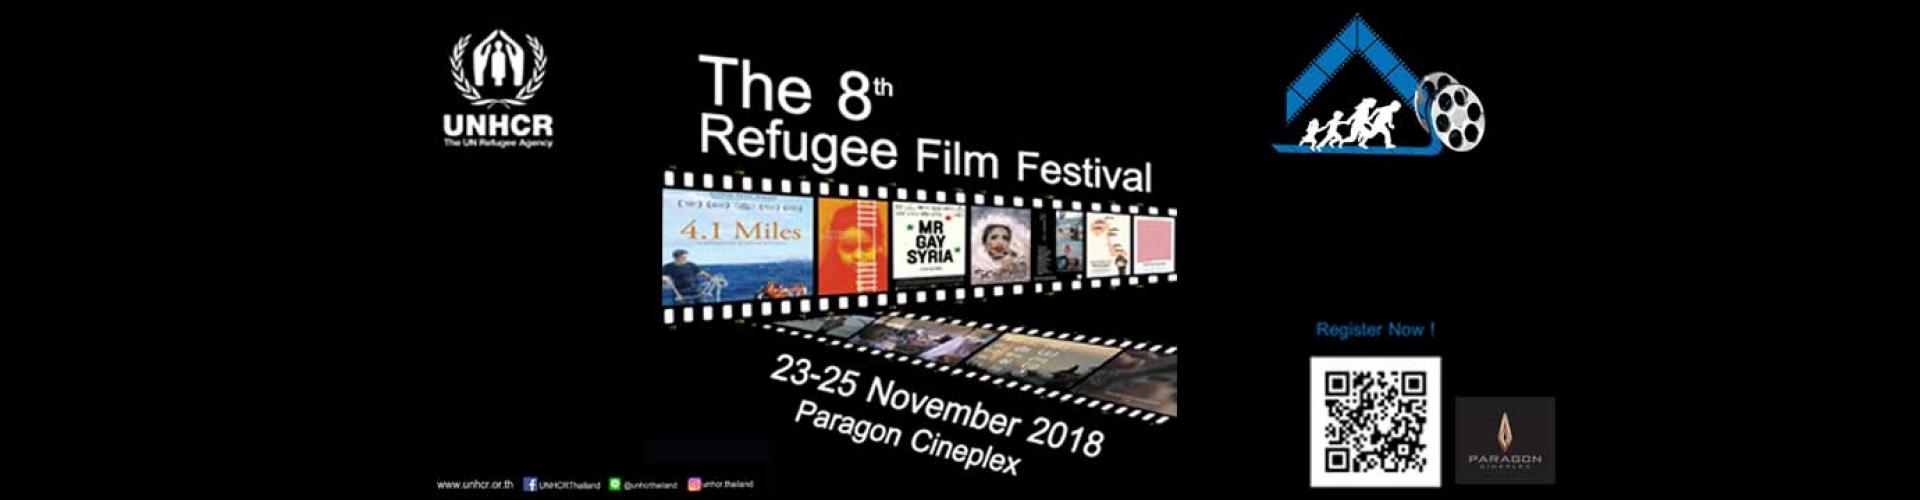 UNHCR จัดเทศกาลหนังผู้ลี้ภัยครั้งที่ 8 มุ่งสะท้อนภาพความหลากหลายของผู้ลี้ภัย